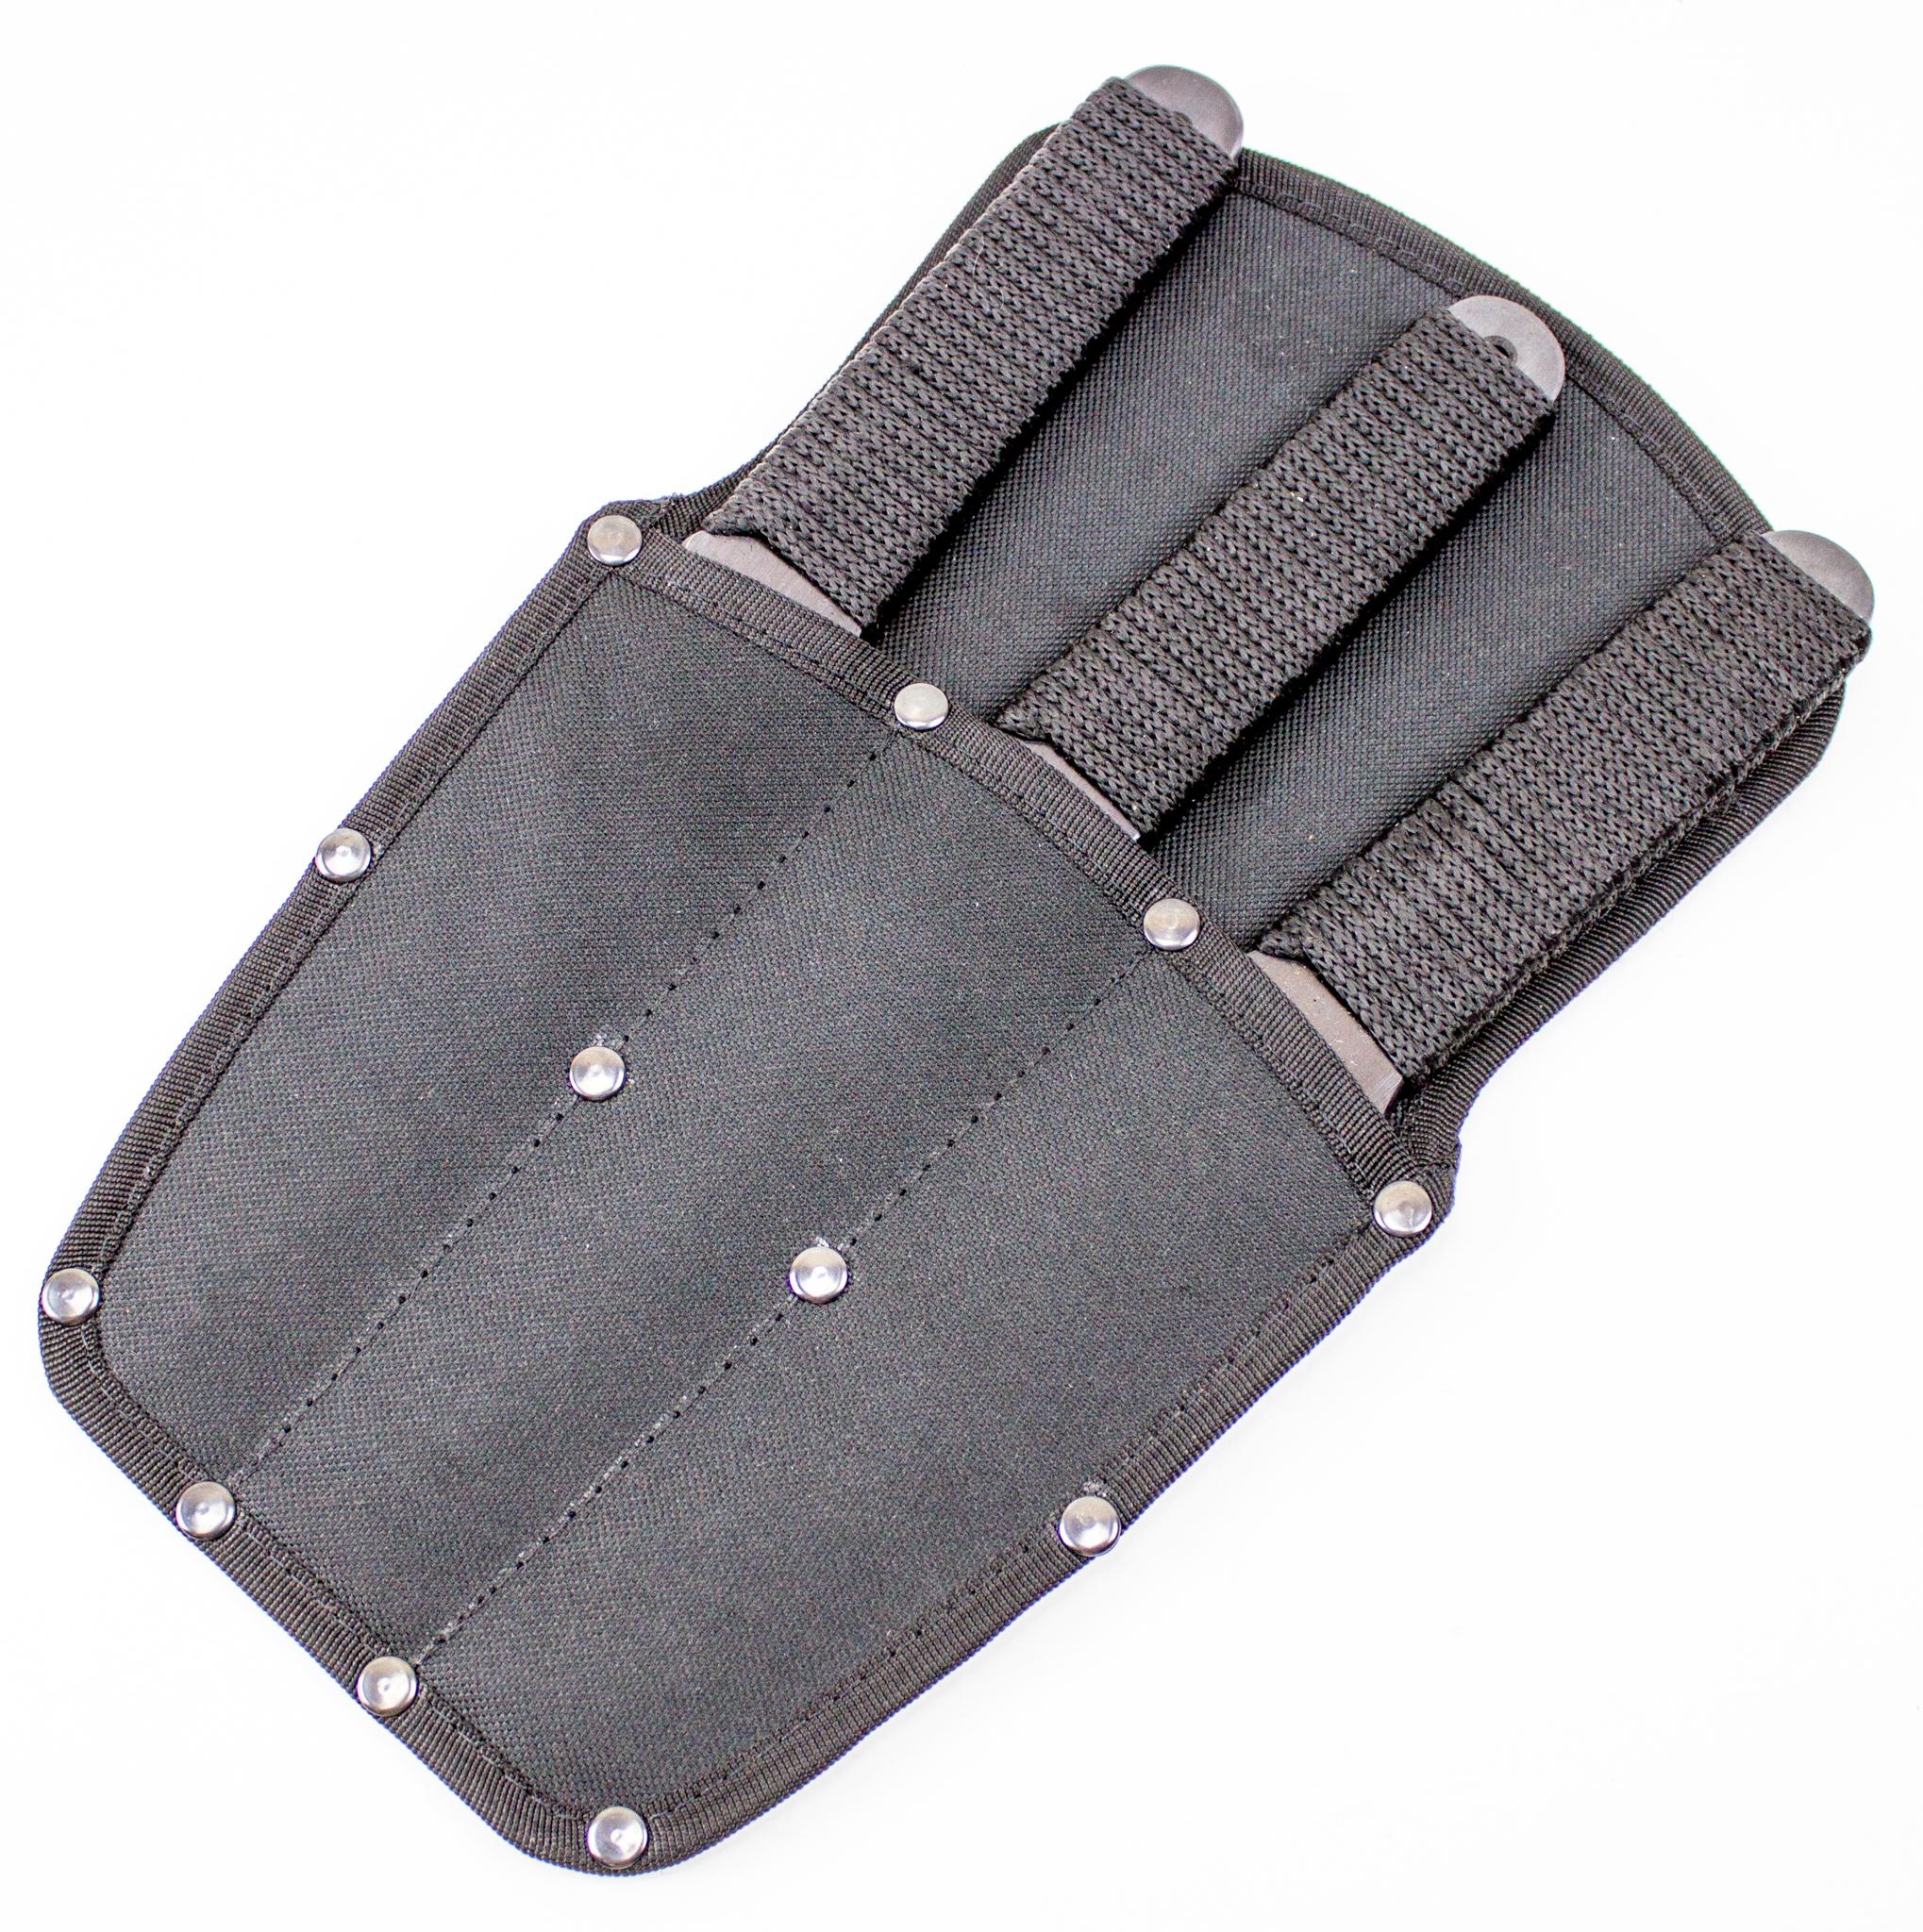 Набор ножей Миг-1, комплект 3 шт, сталь 65ГНожи Ворсма<br>Набор метательных ножей Миг-1, комплект 3 шт, сталь 65Г<br>